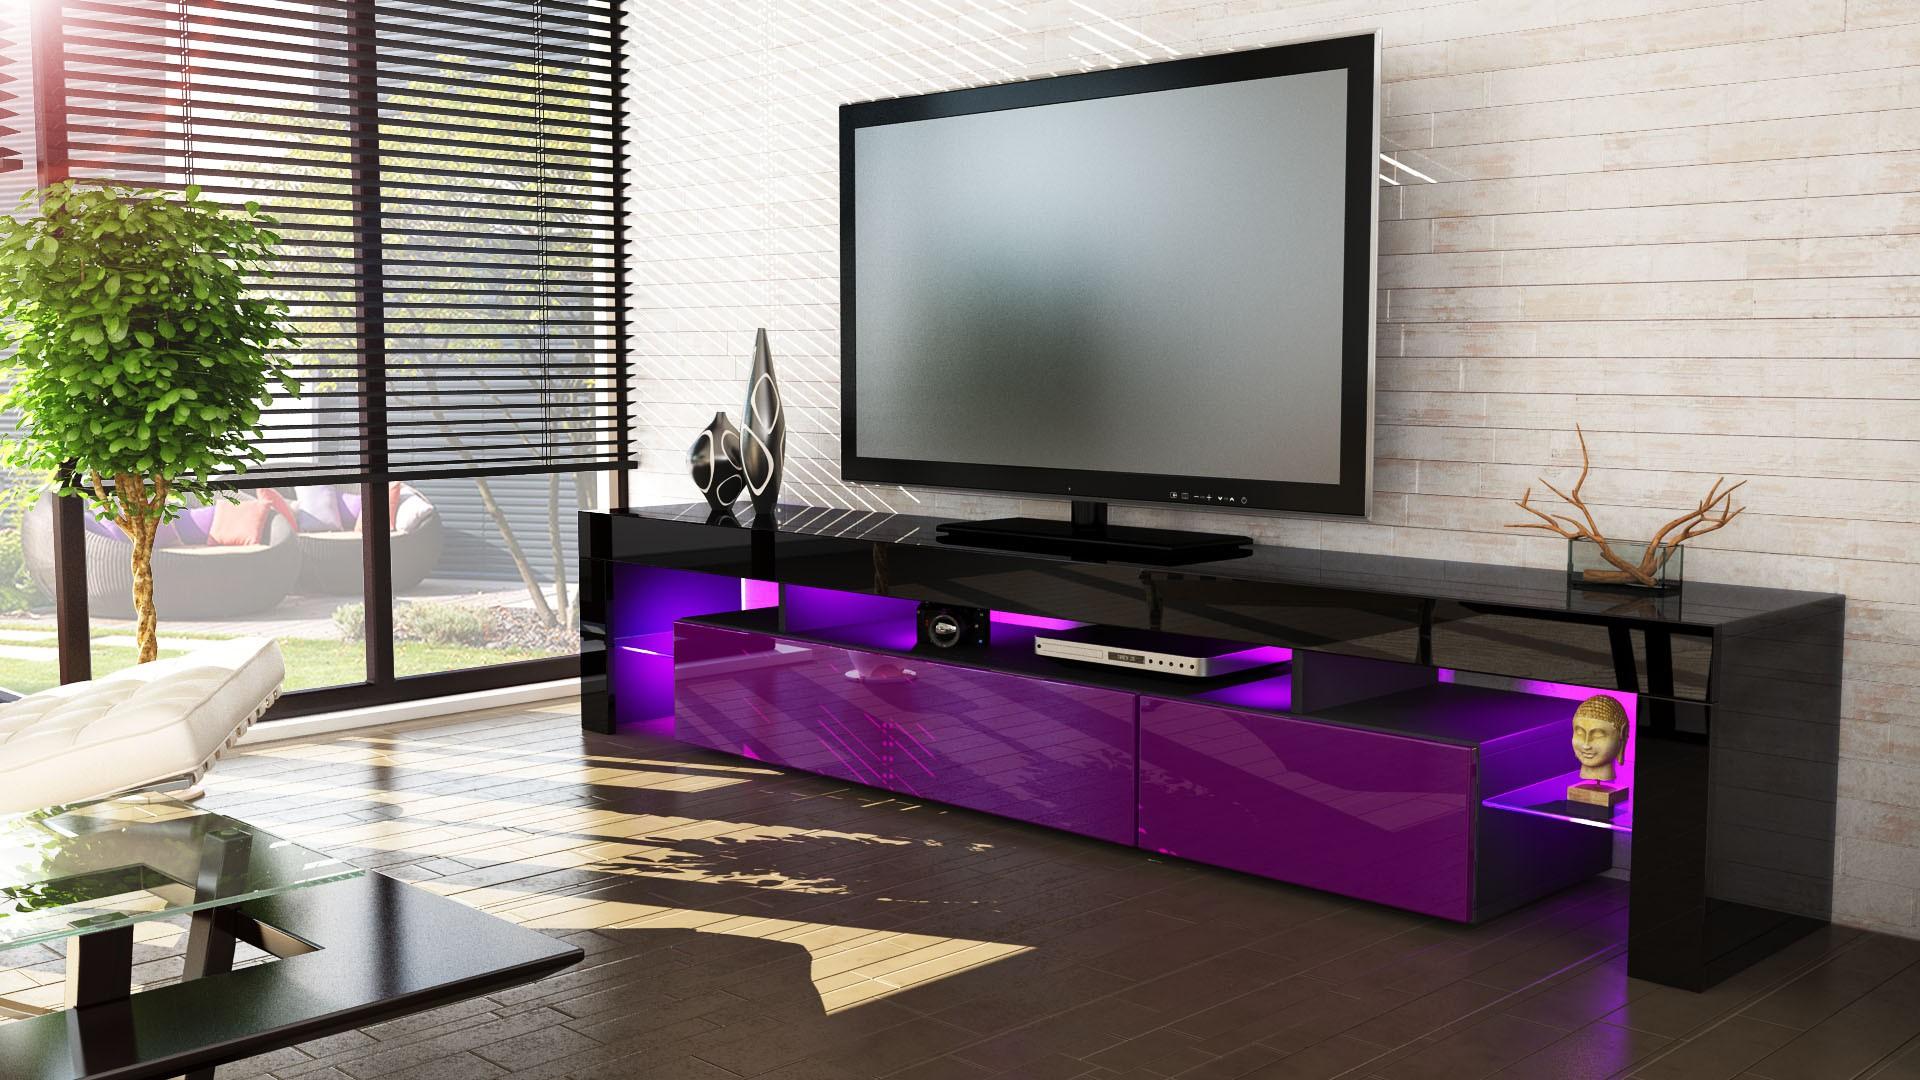 meuble violet. Black Bedroom Furniture Sets. Home Design Ideas